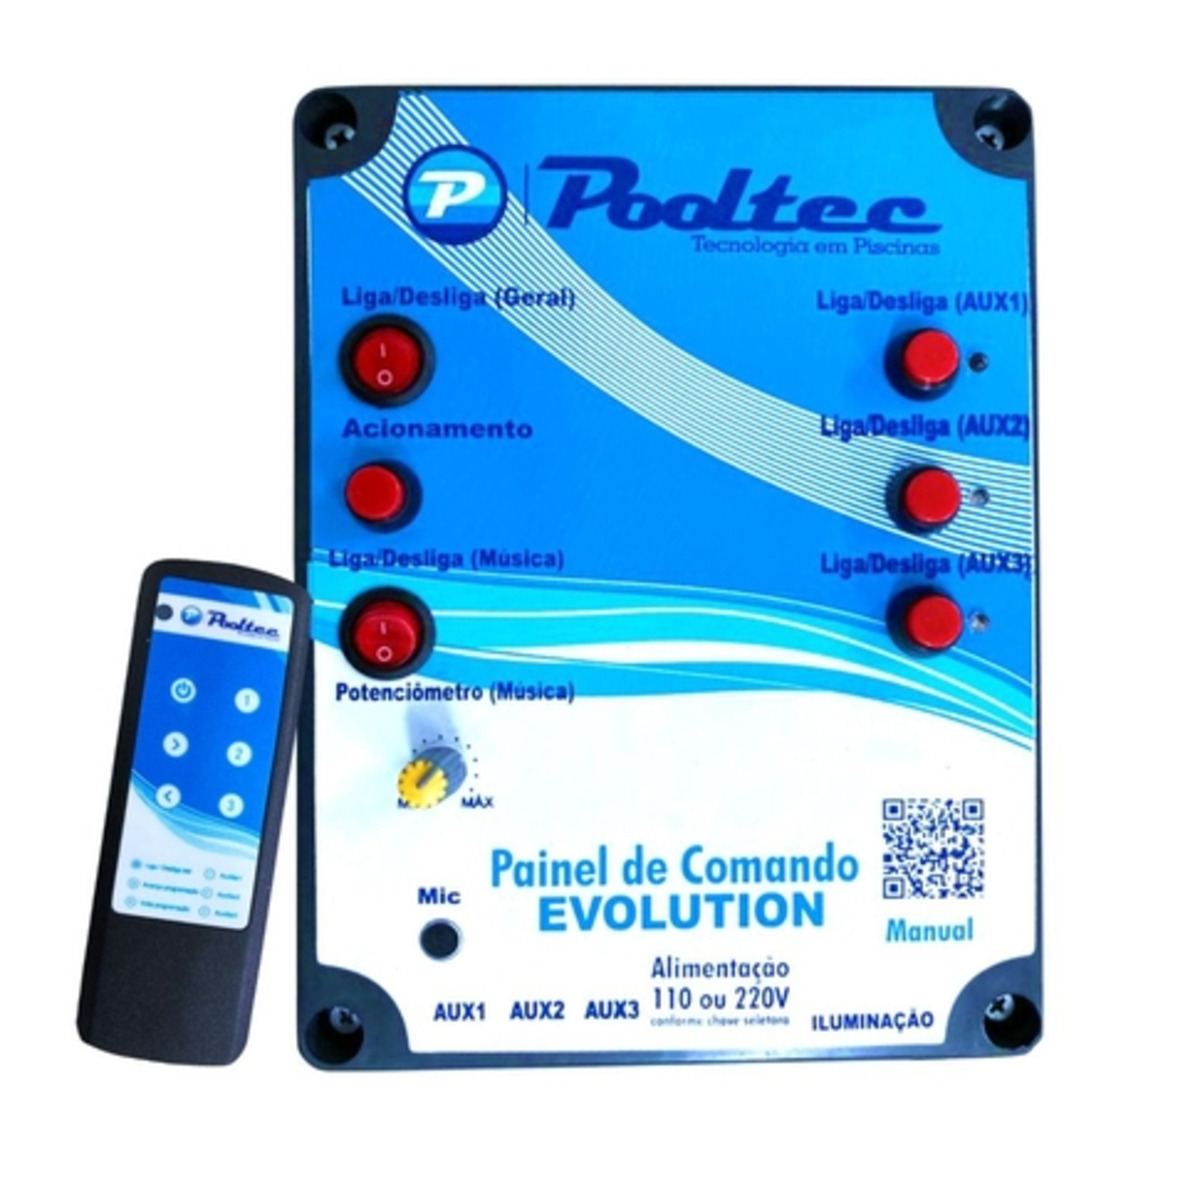 Quadro de Comando Evolution Modelo A para leds de Piscina pooltec